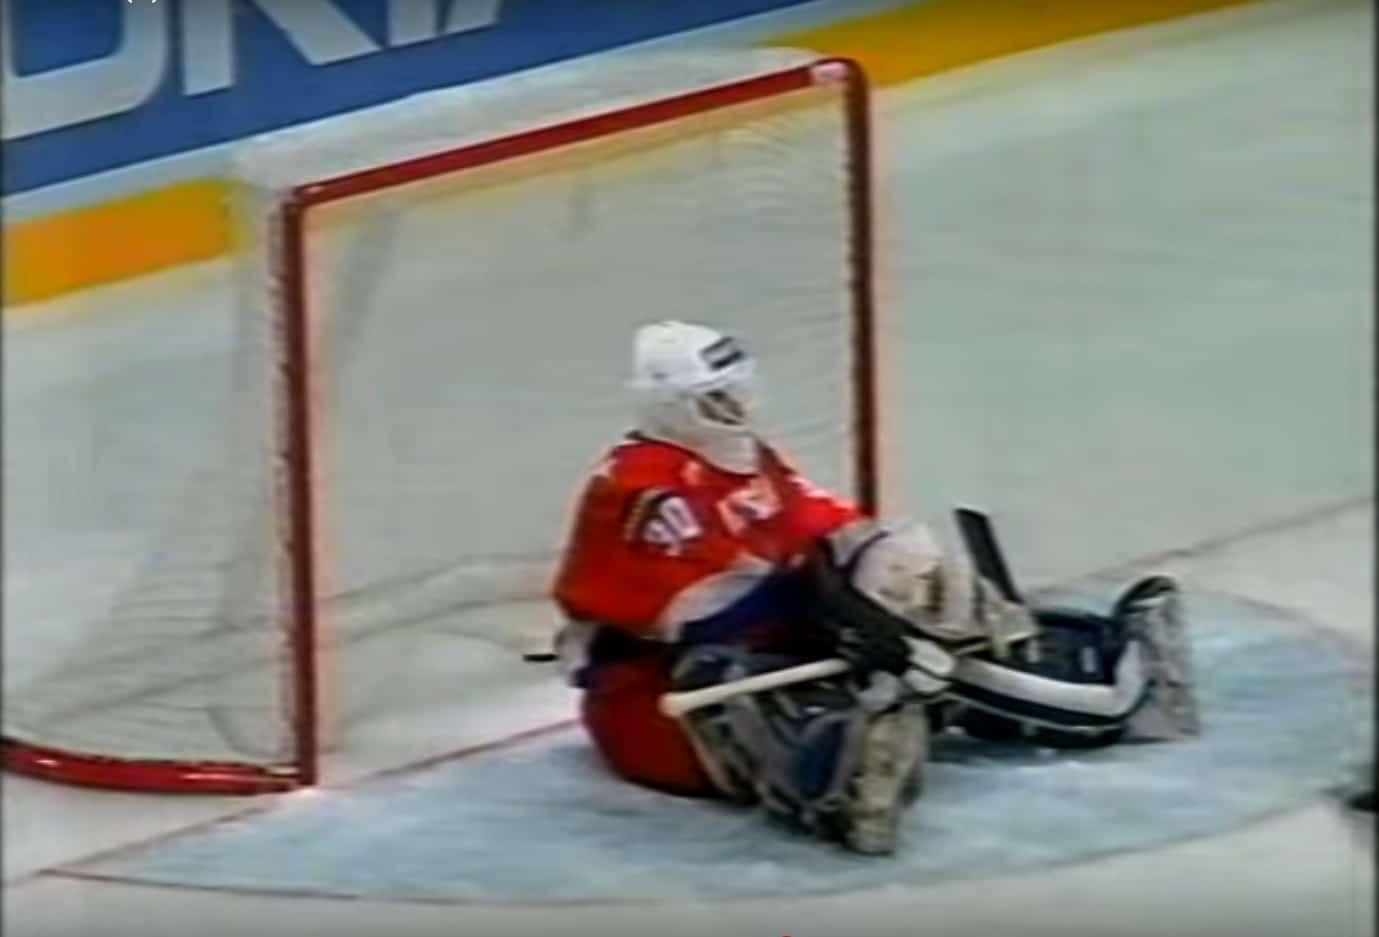 Tänä päivänä MM-historiassa - Venäjä kaatuu ja unihiekka rapisee silmistä